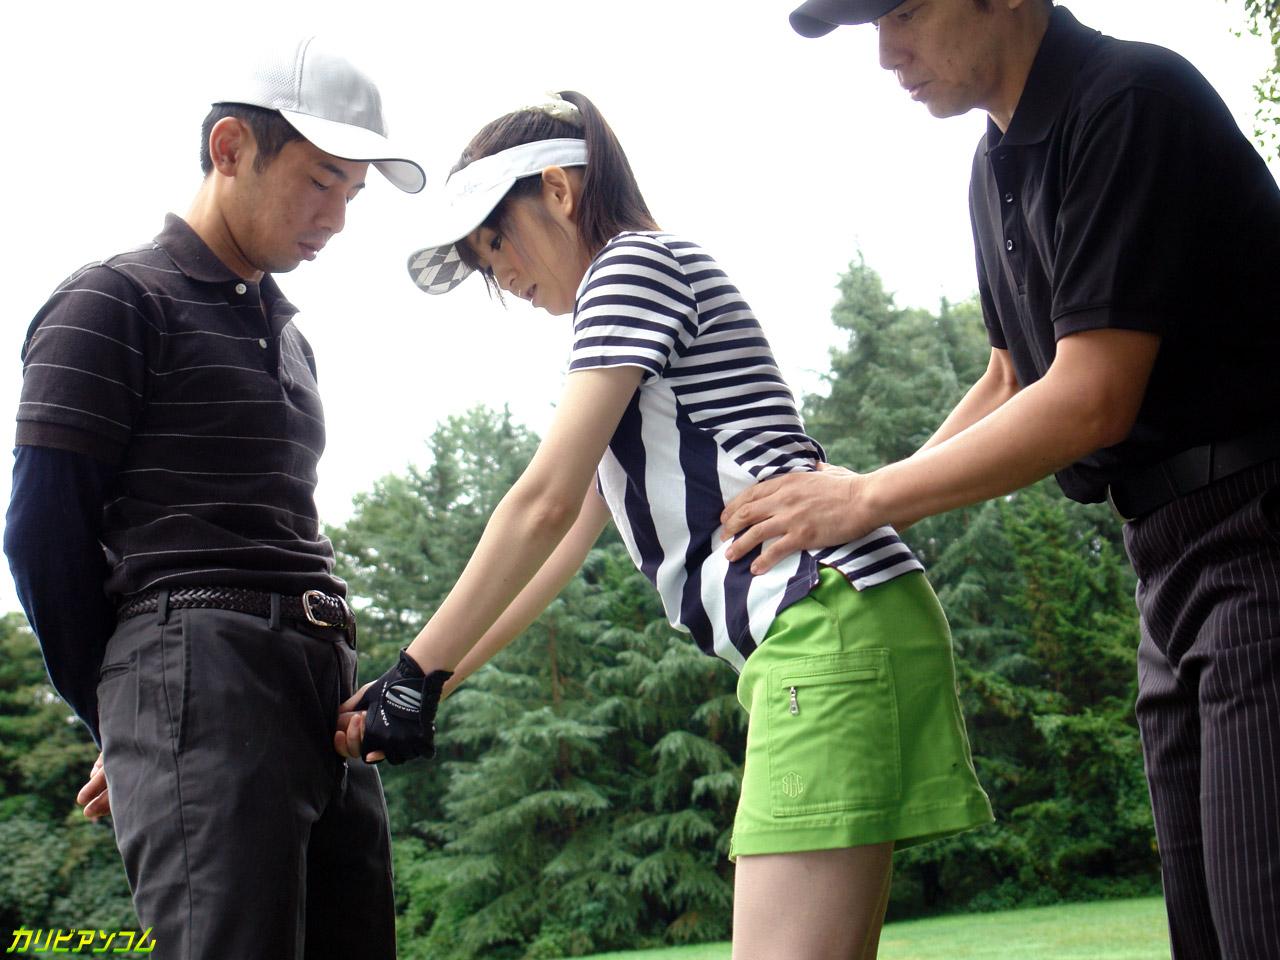 ゴルフレッスンに来た娘にホールインONE 前編 月野みちる